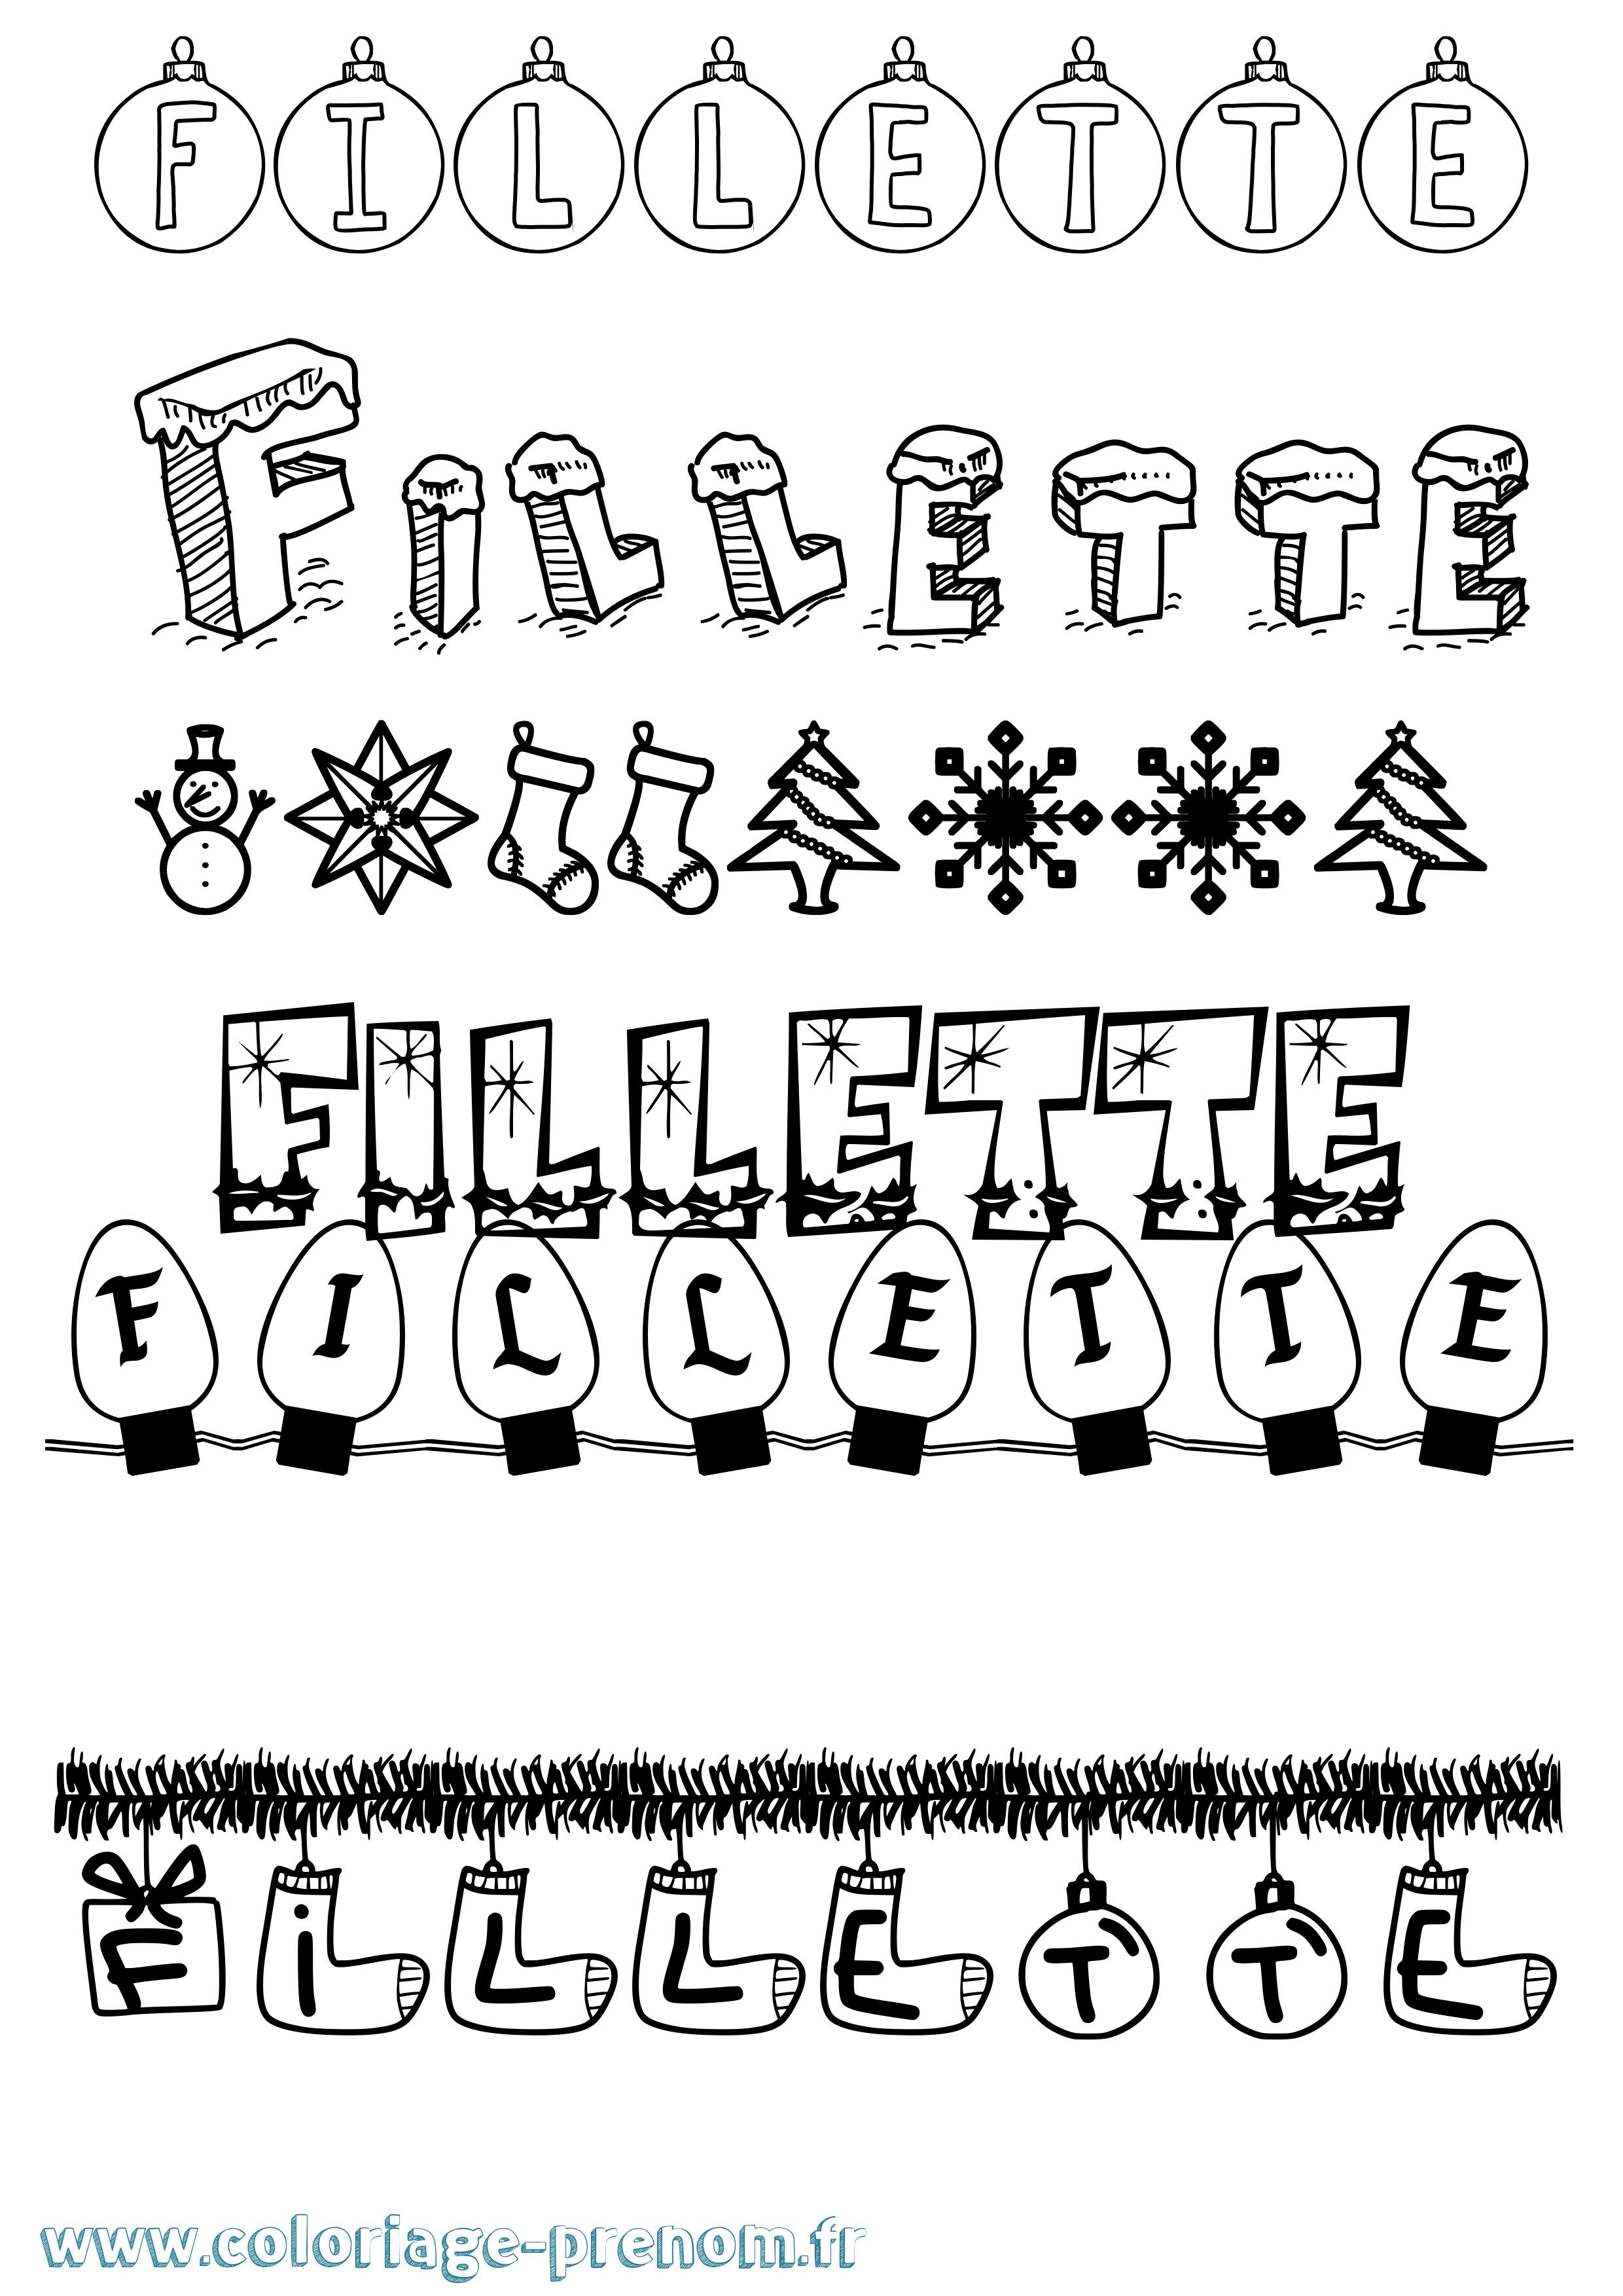 Coloriage Fillette A Imprimer.Coloriage Du Prenom Fillette A Imprimer Ou Telecharger Facilement